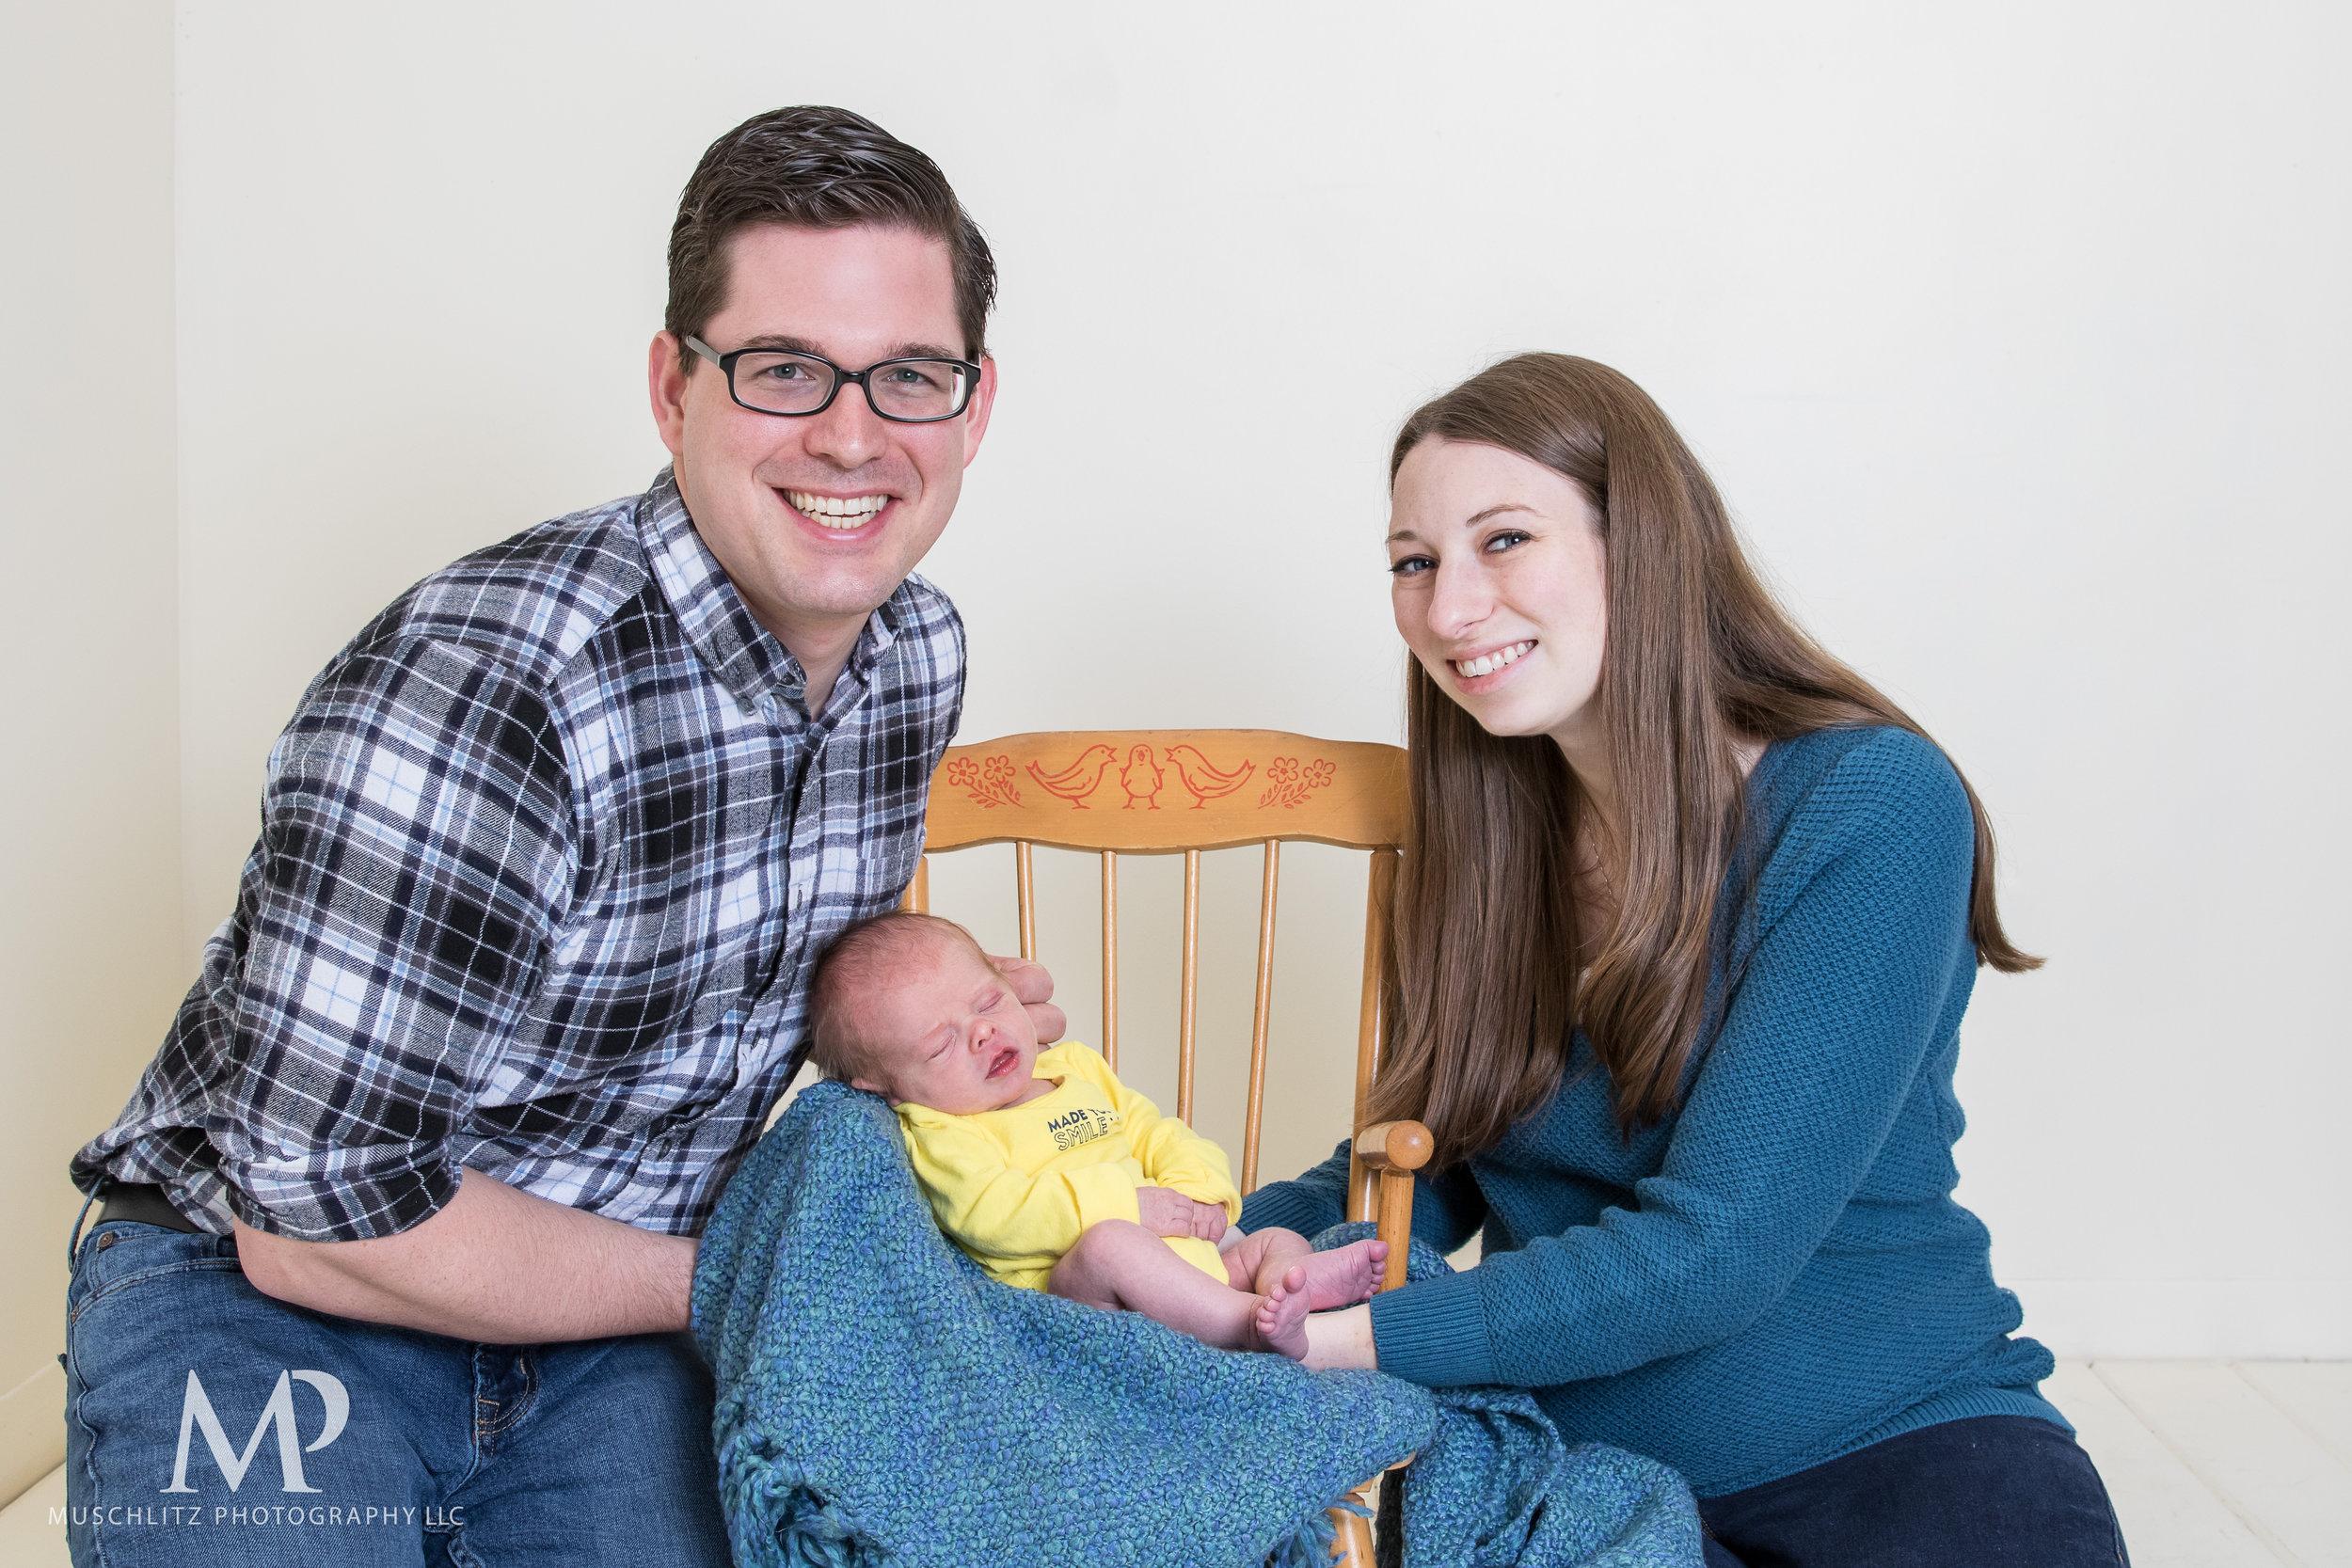 newborn-baby-photographer-columbus-ohio-gahanna-muschlitz-photography-014.JPG